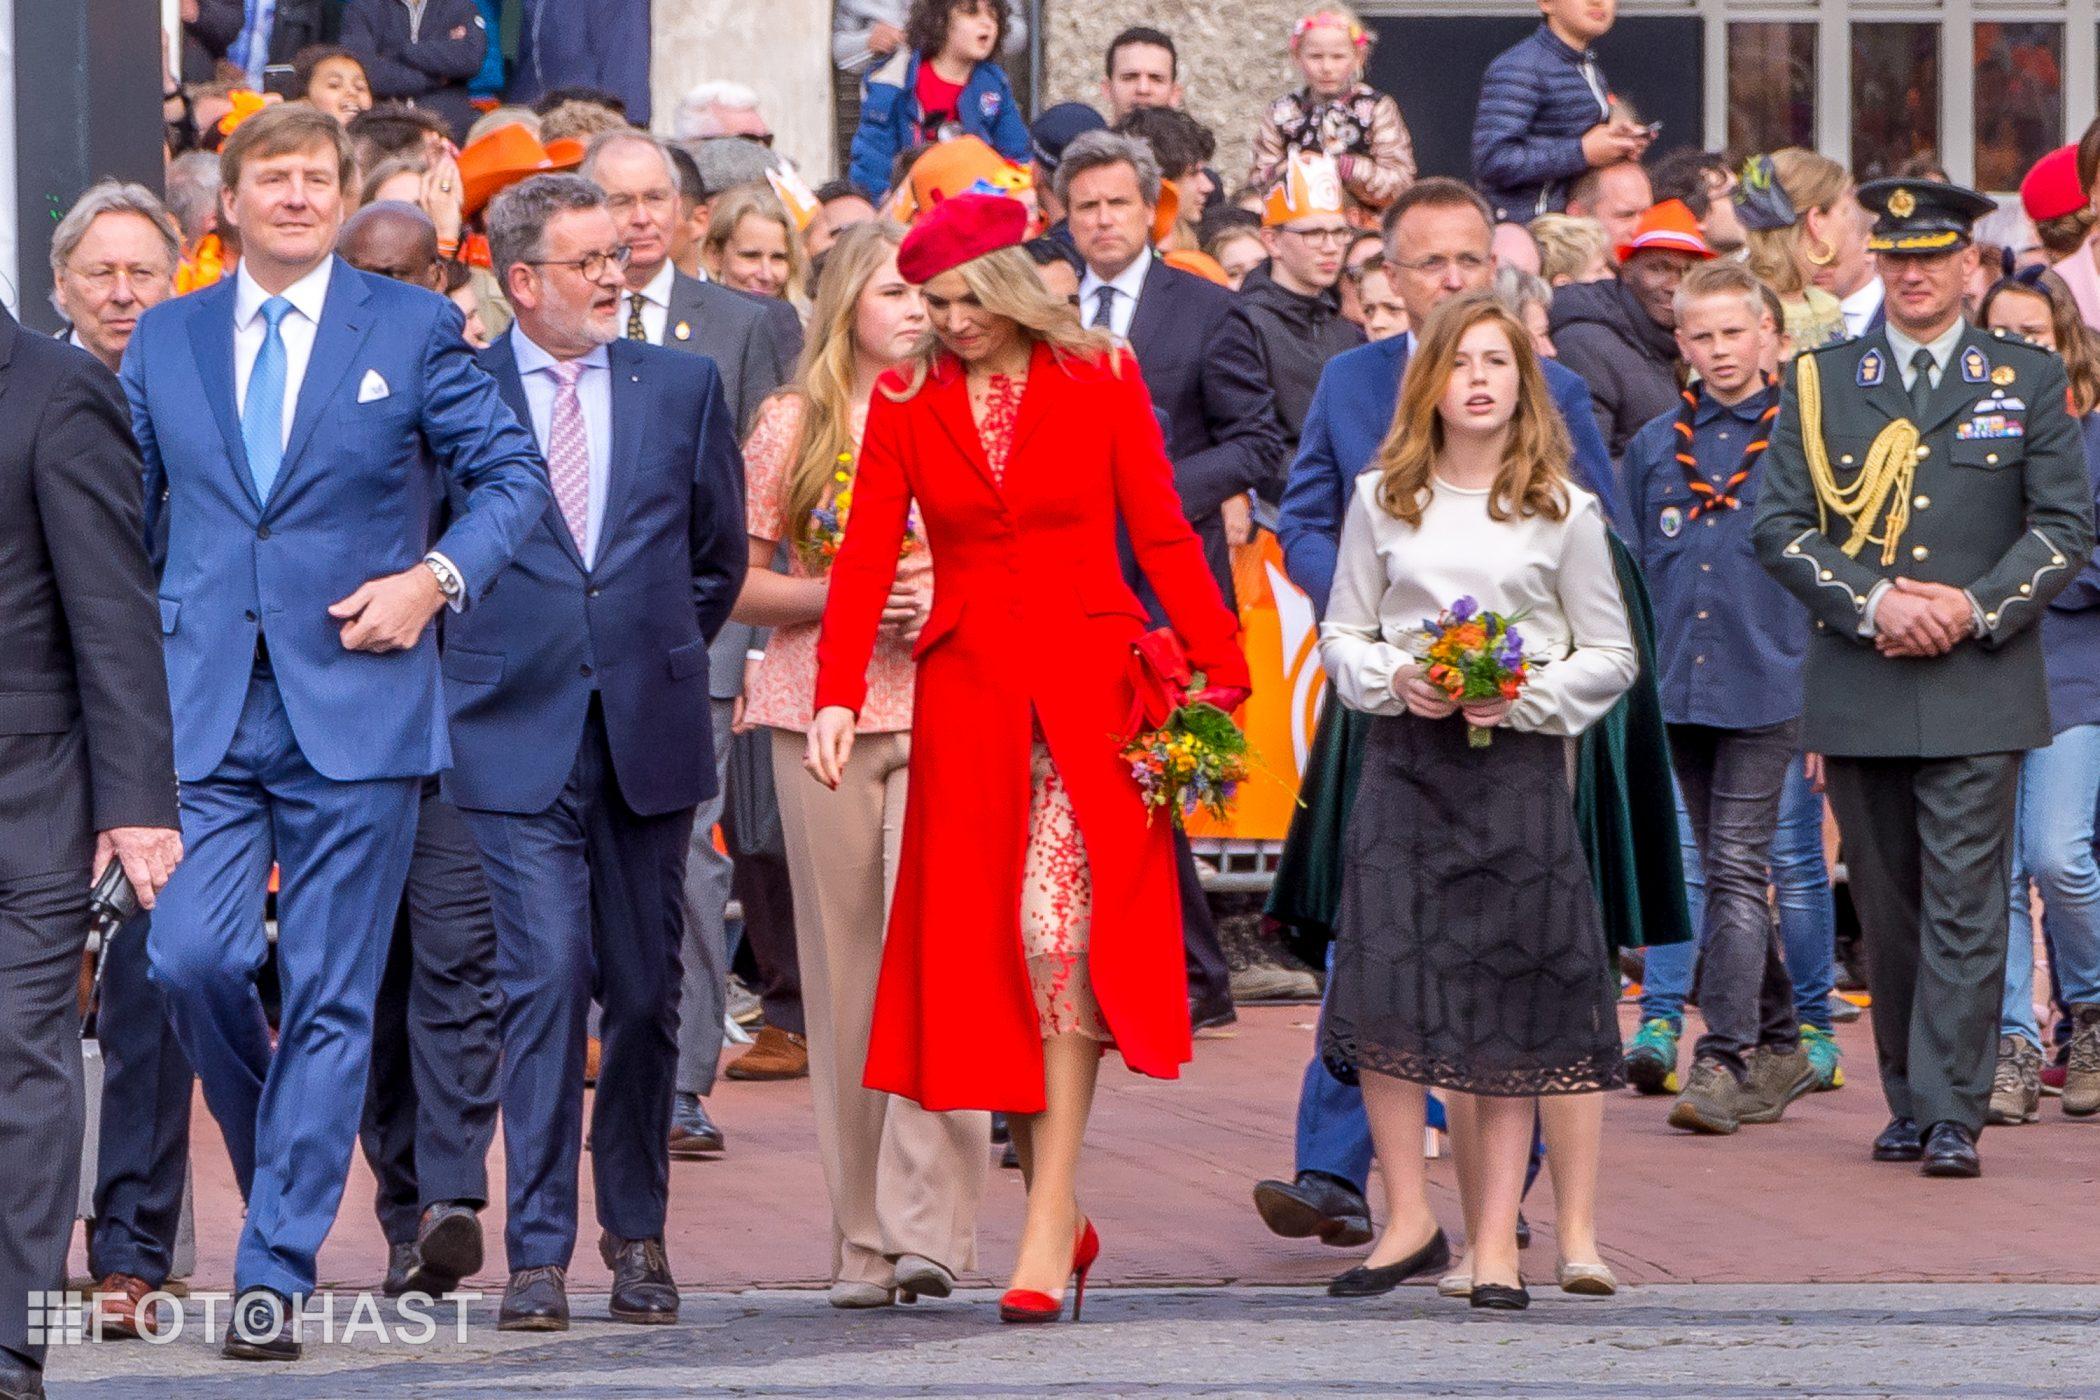 Koningsdag in Groningen